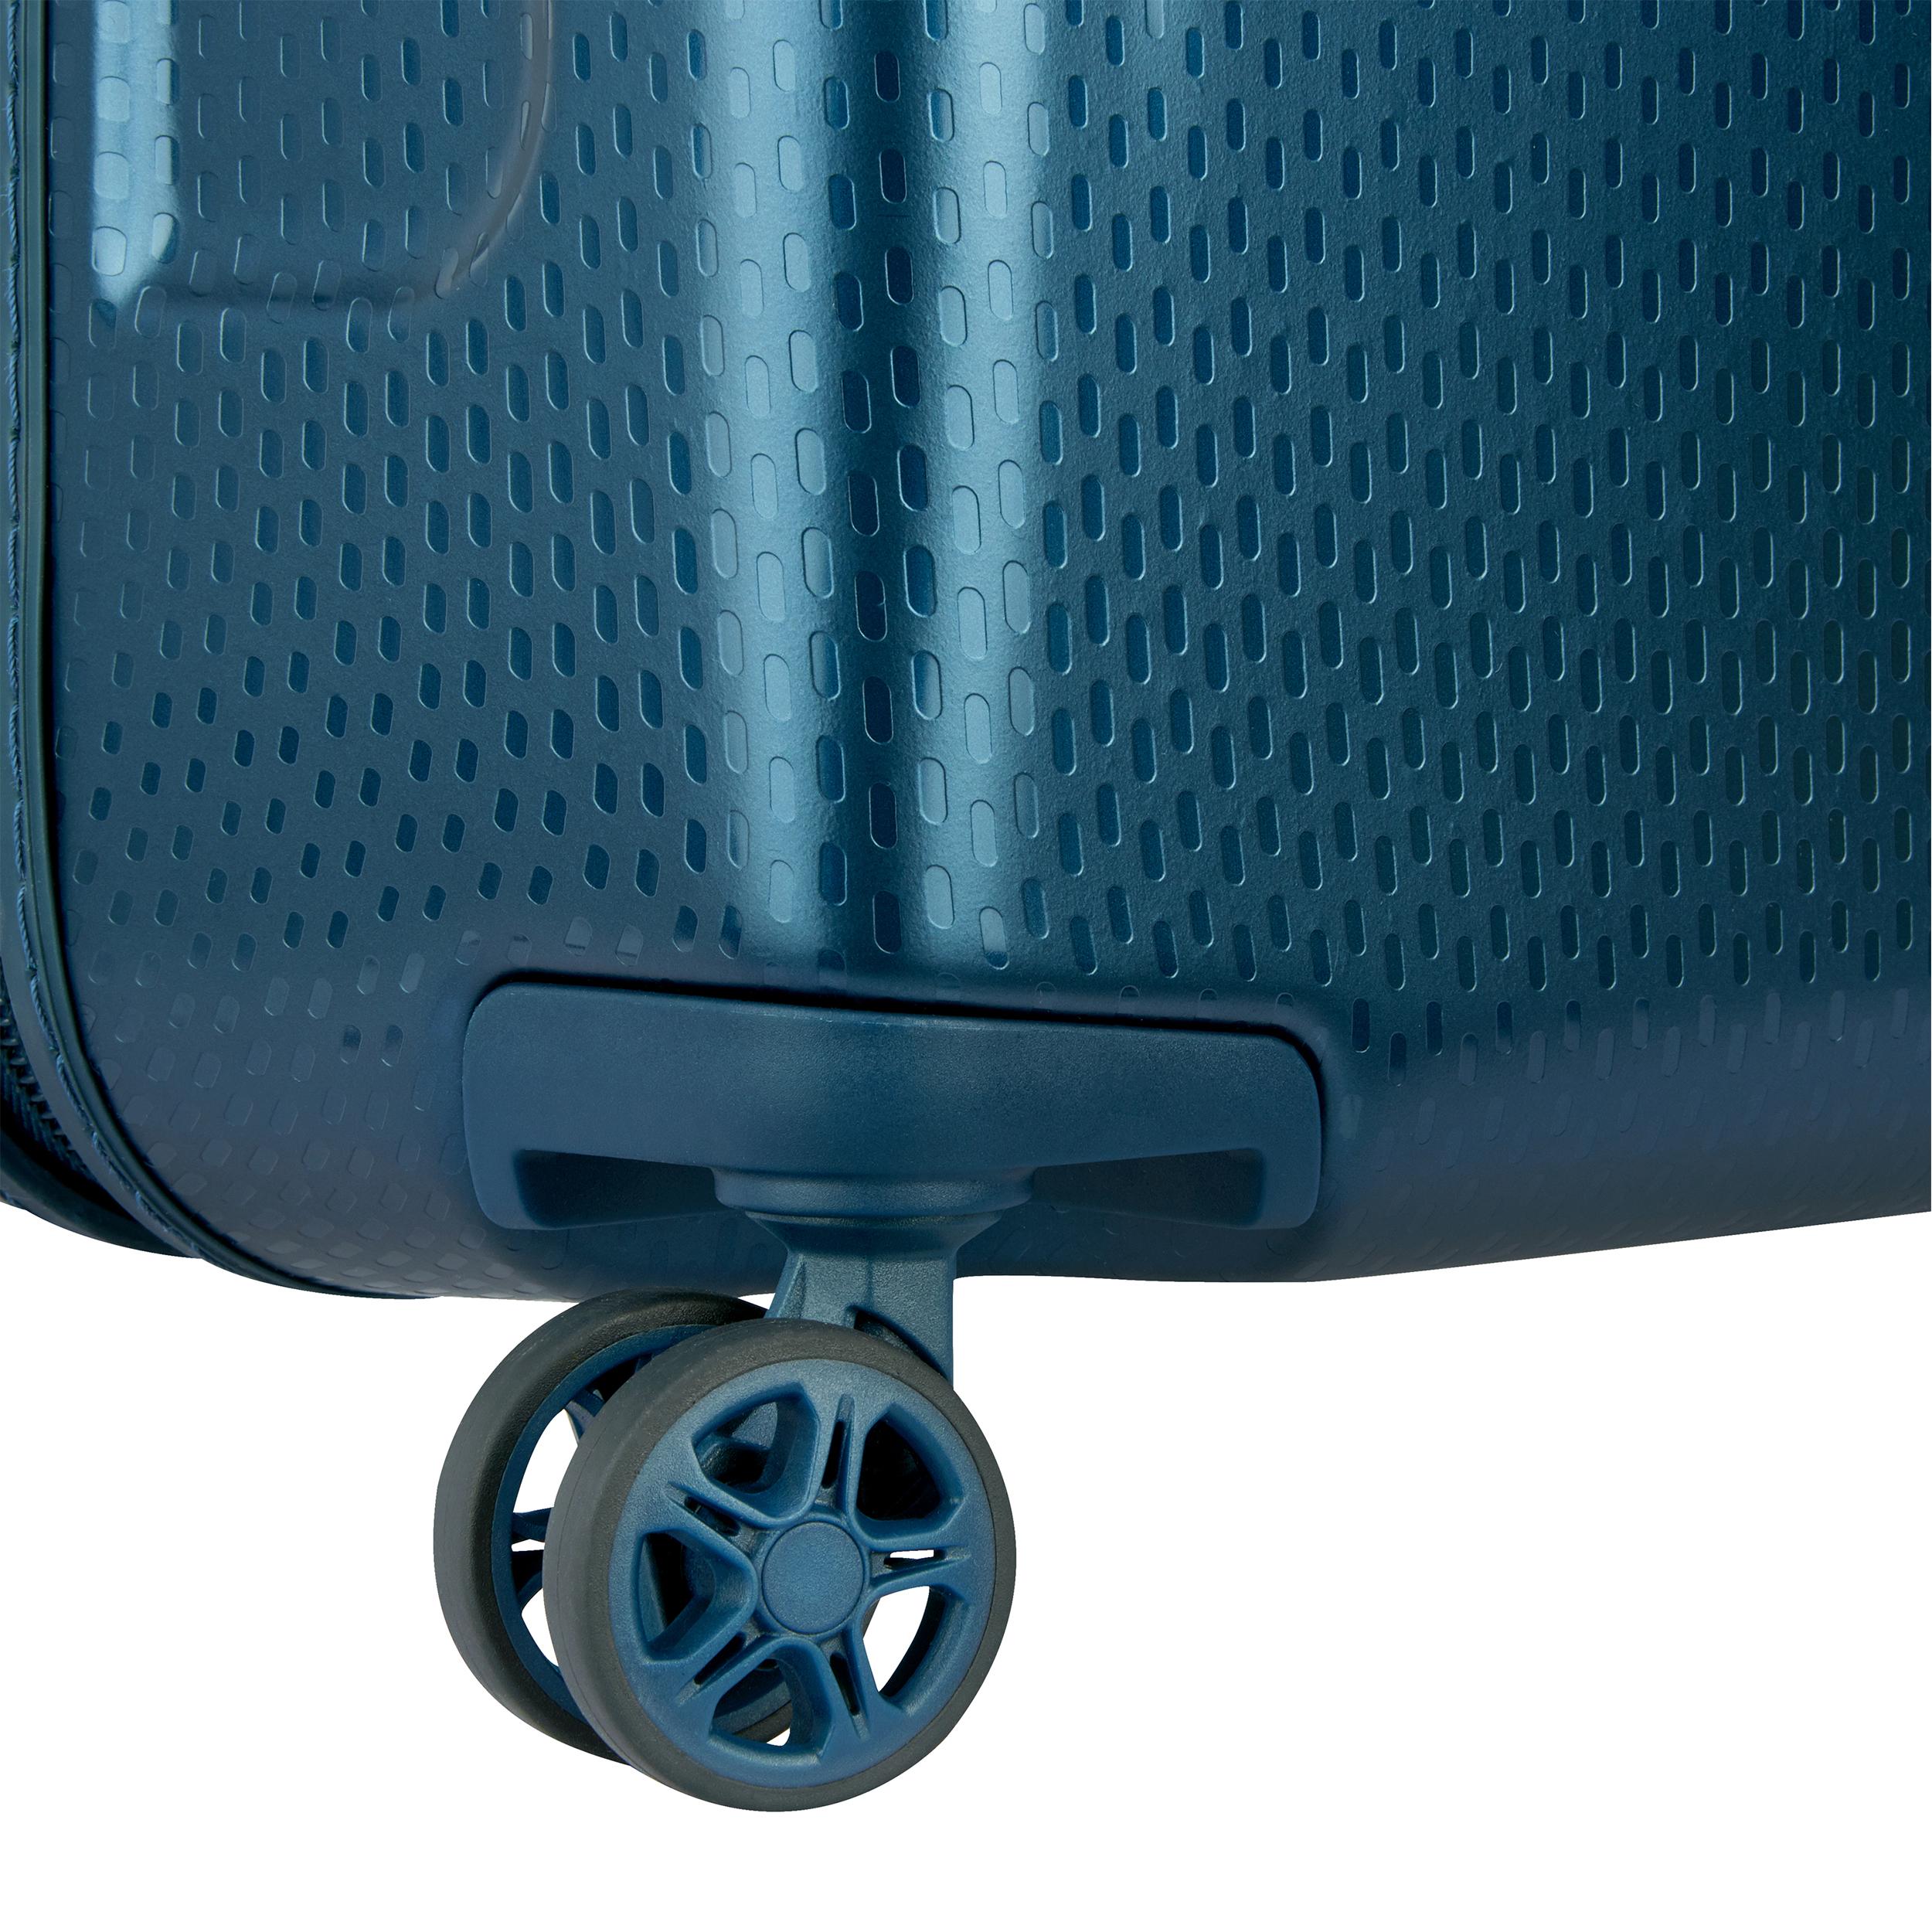 چمدان دلسی مدل TURENNE کد 1621801 سایز کوچک main 1 20